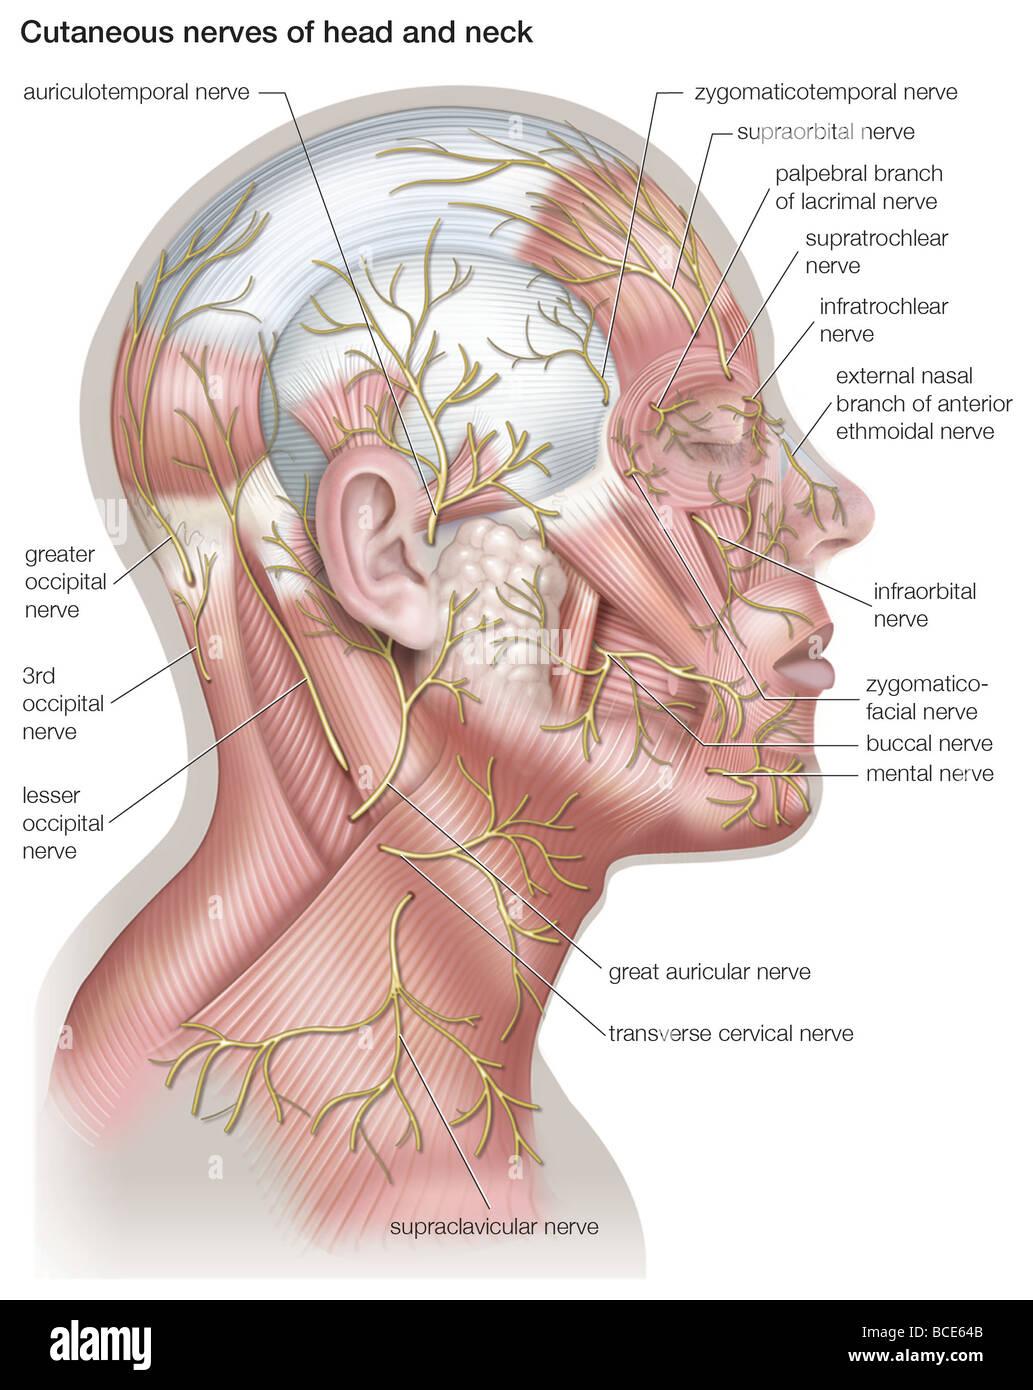 Diagrama de los nervios cutáneos de la cabeza y el cuello Foto ...